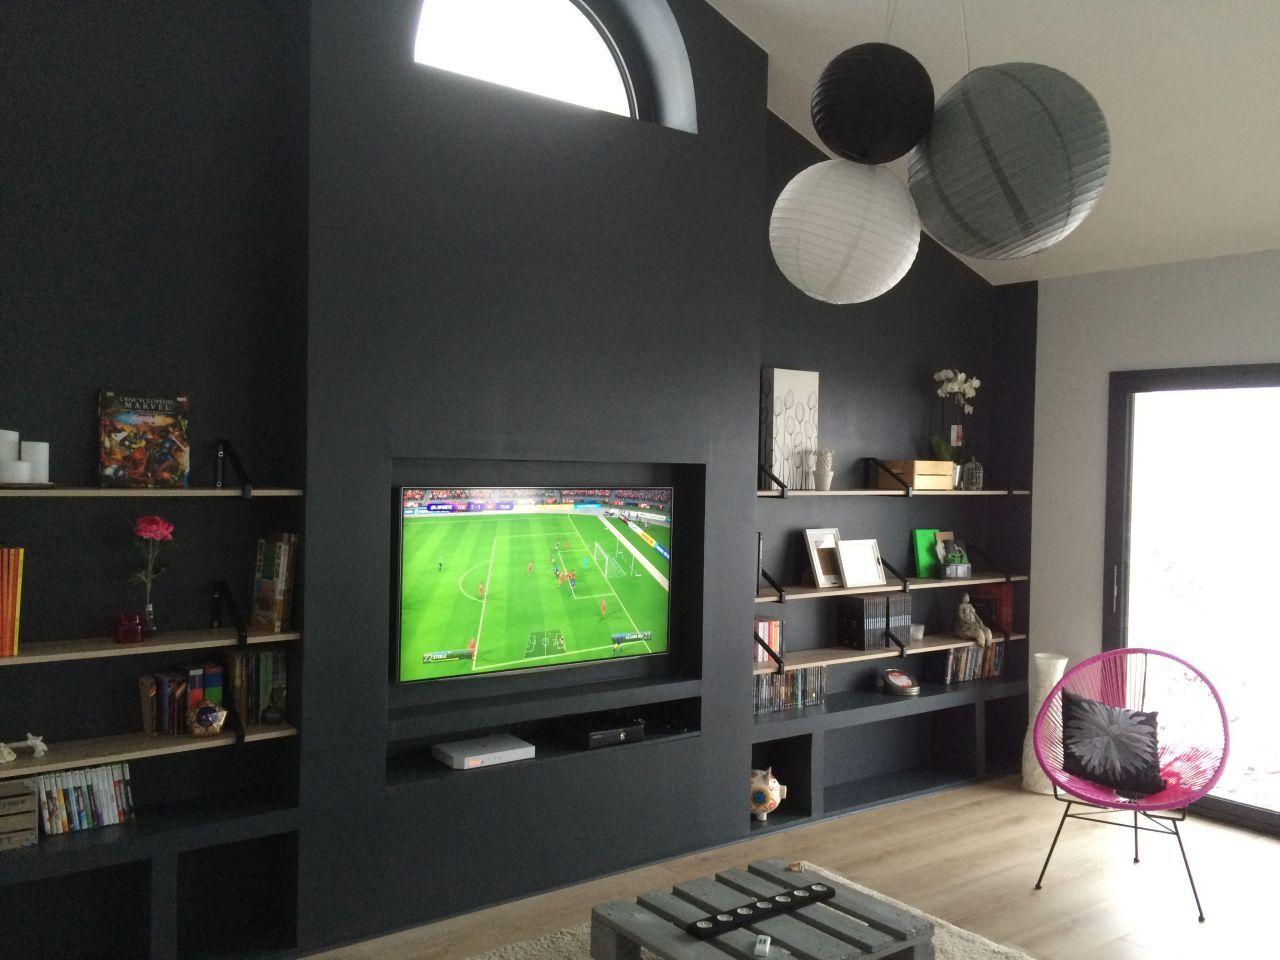 Idee Tv Au Mur mur tv encastrée et bibliothèque terminé et décoré !   déco